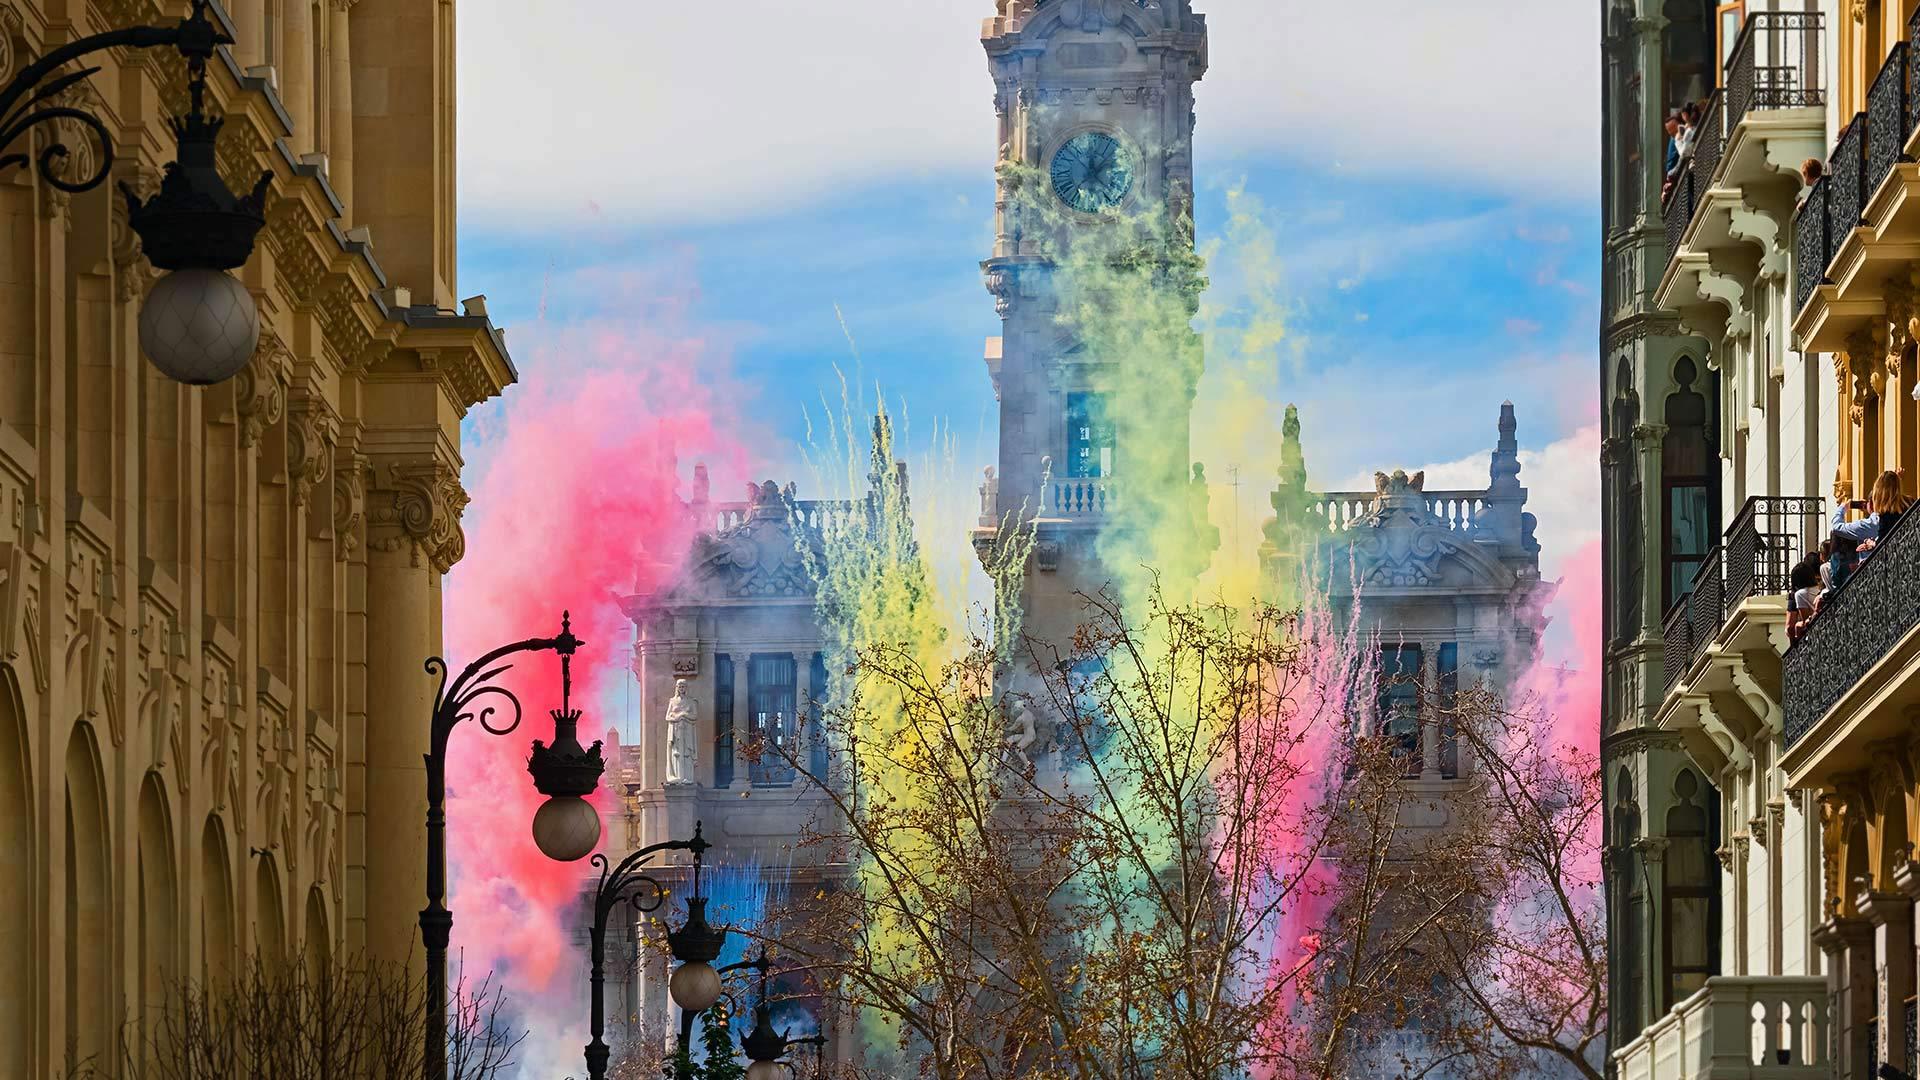 「バレンシアの火祭り」スペイン, アユンタミエント広場 (© Helena G.H/Shutterstock)